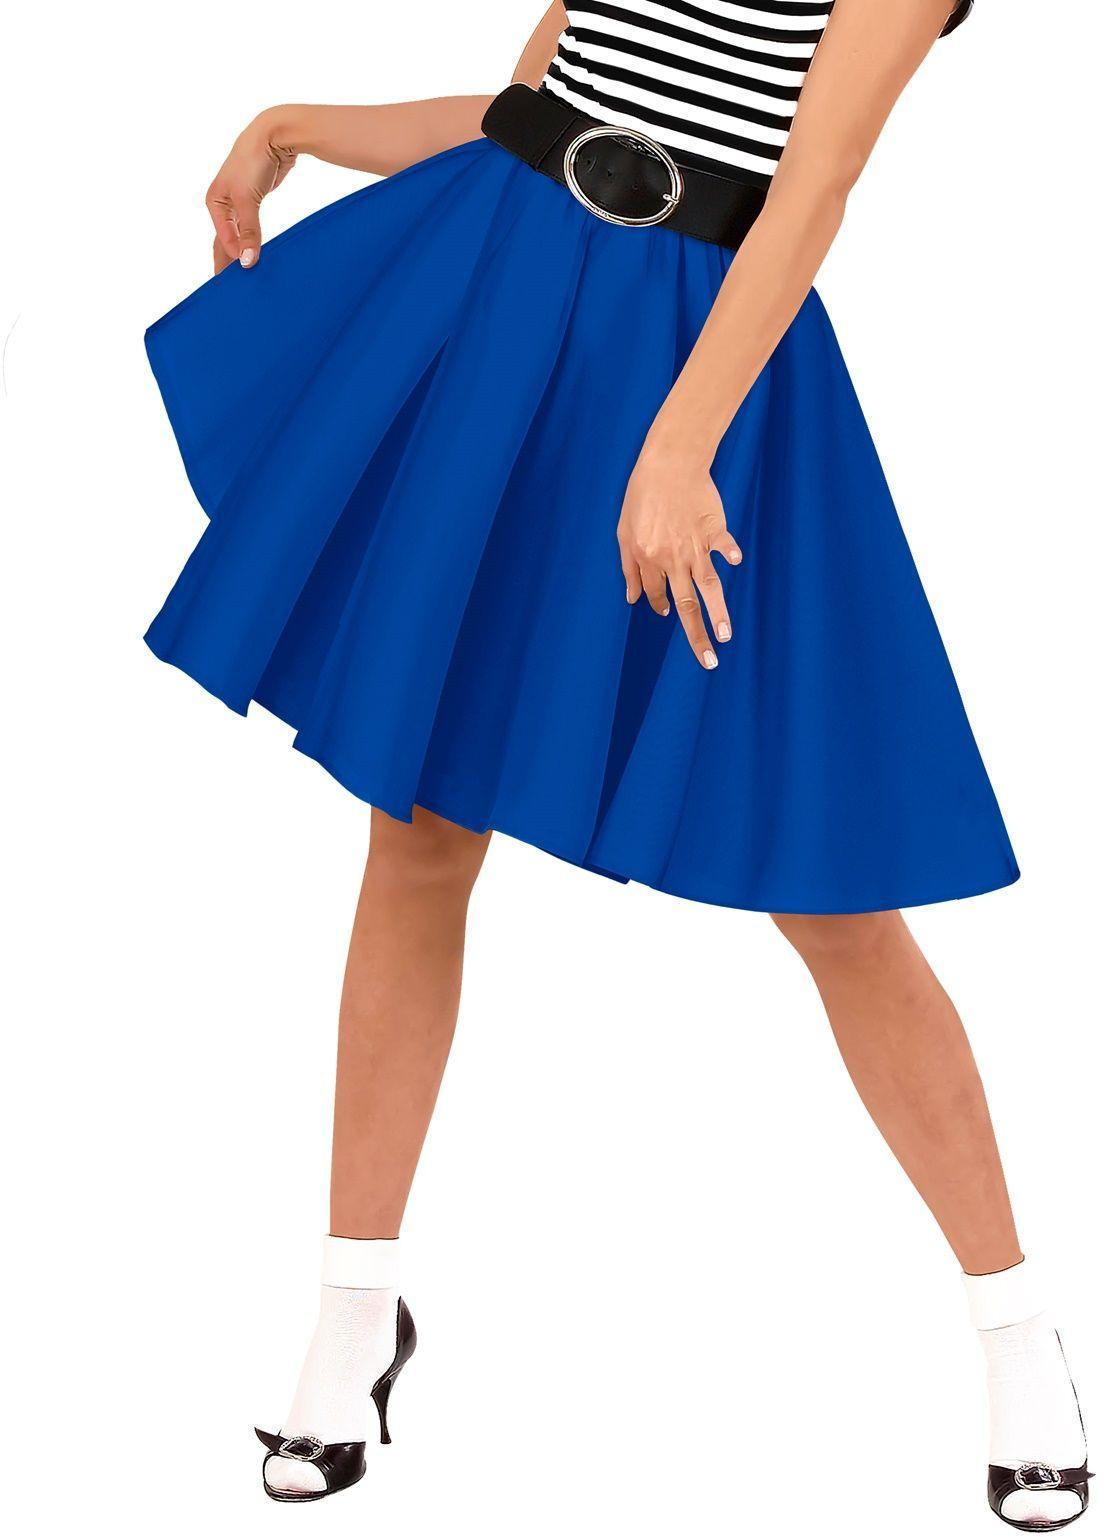 Blauw Rock and Roll rokje vrouwen